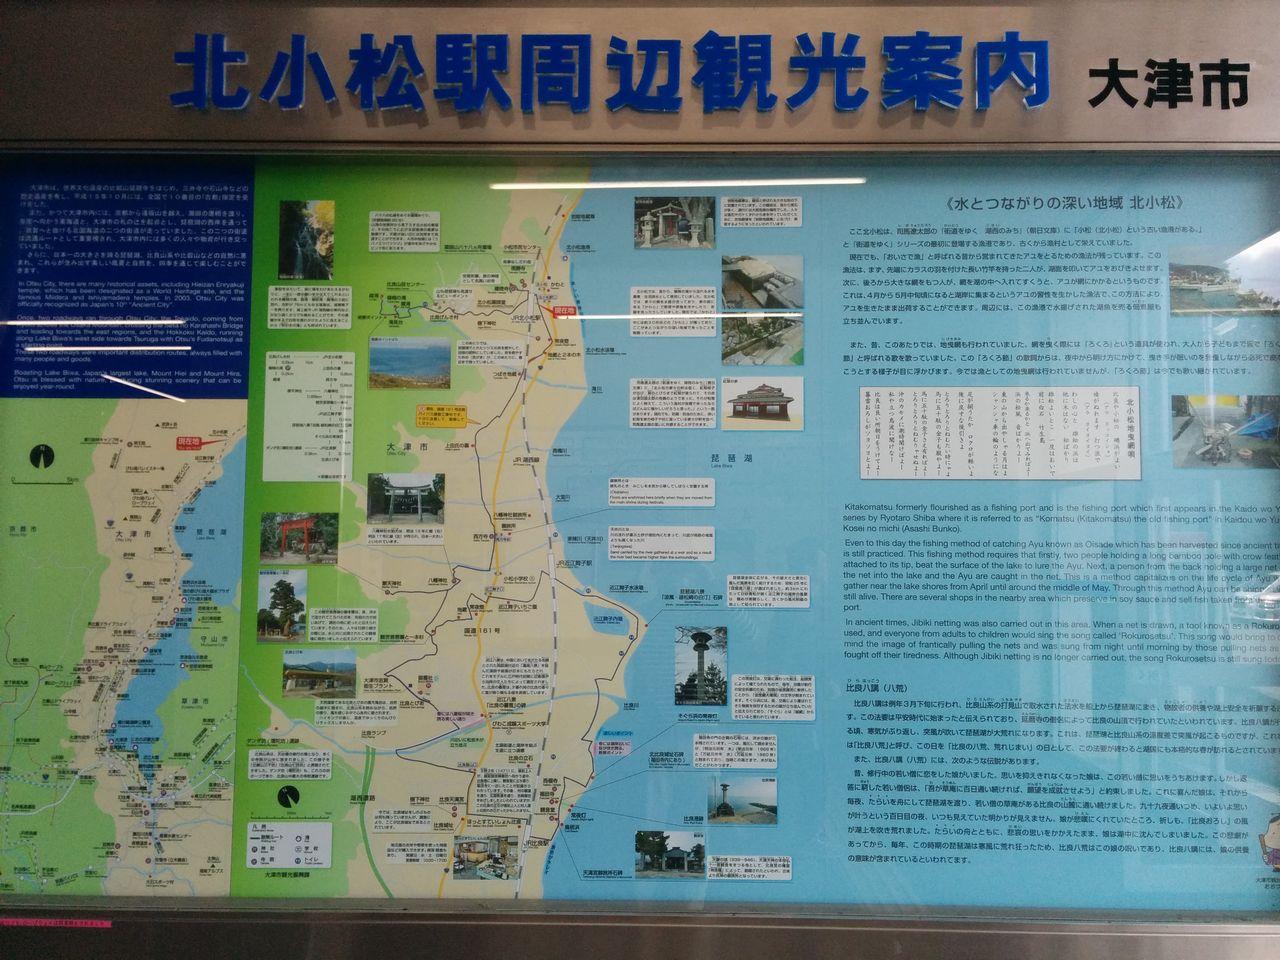 北小松駅周辺観光案内